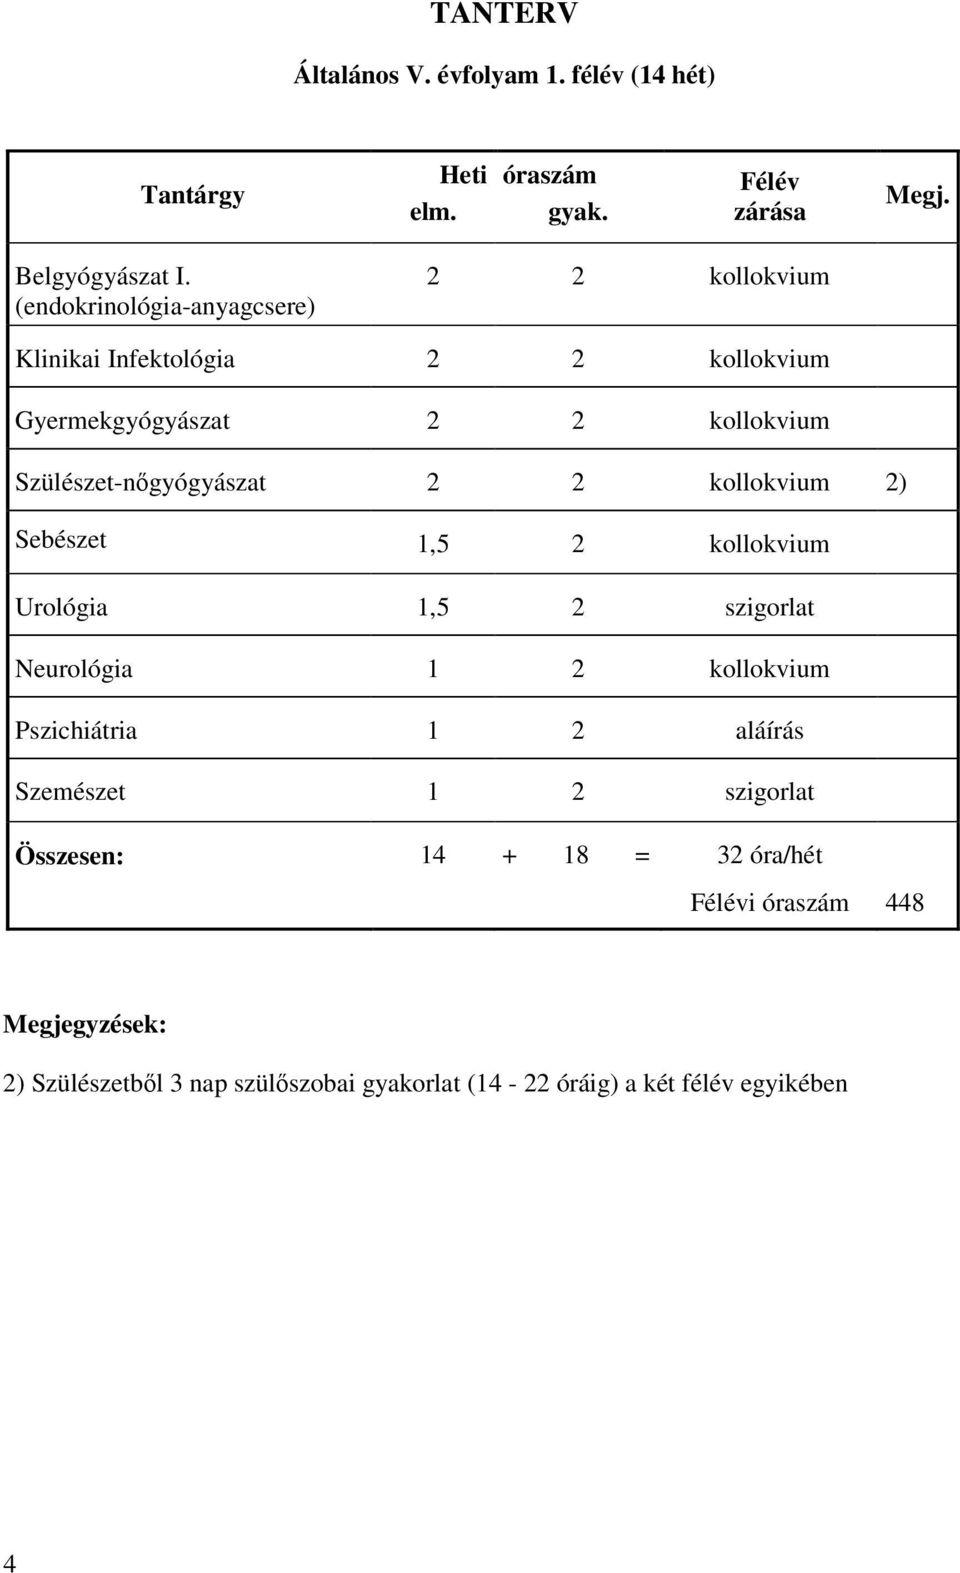 helminthiasis intézkedések